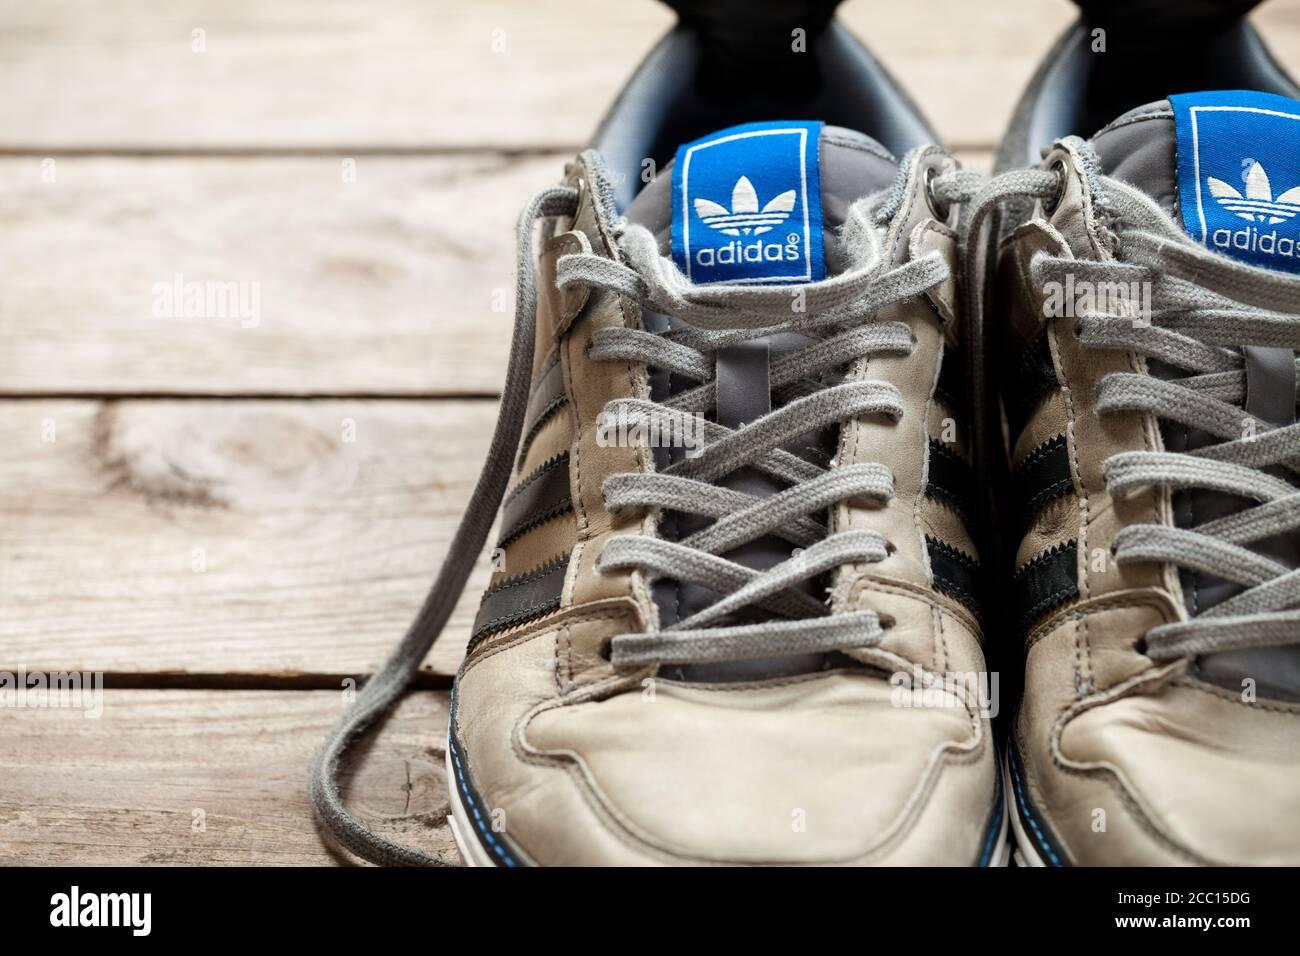 les chaussures adidas est vieux